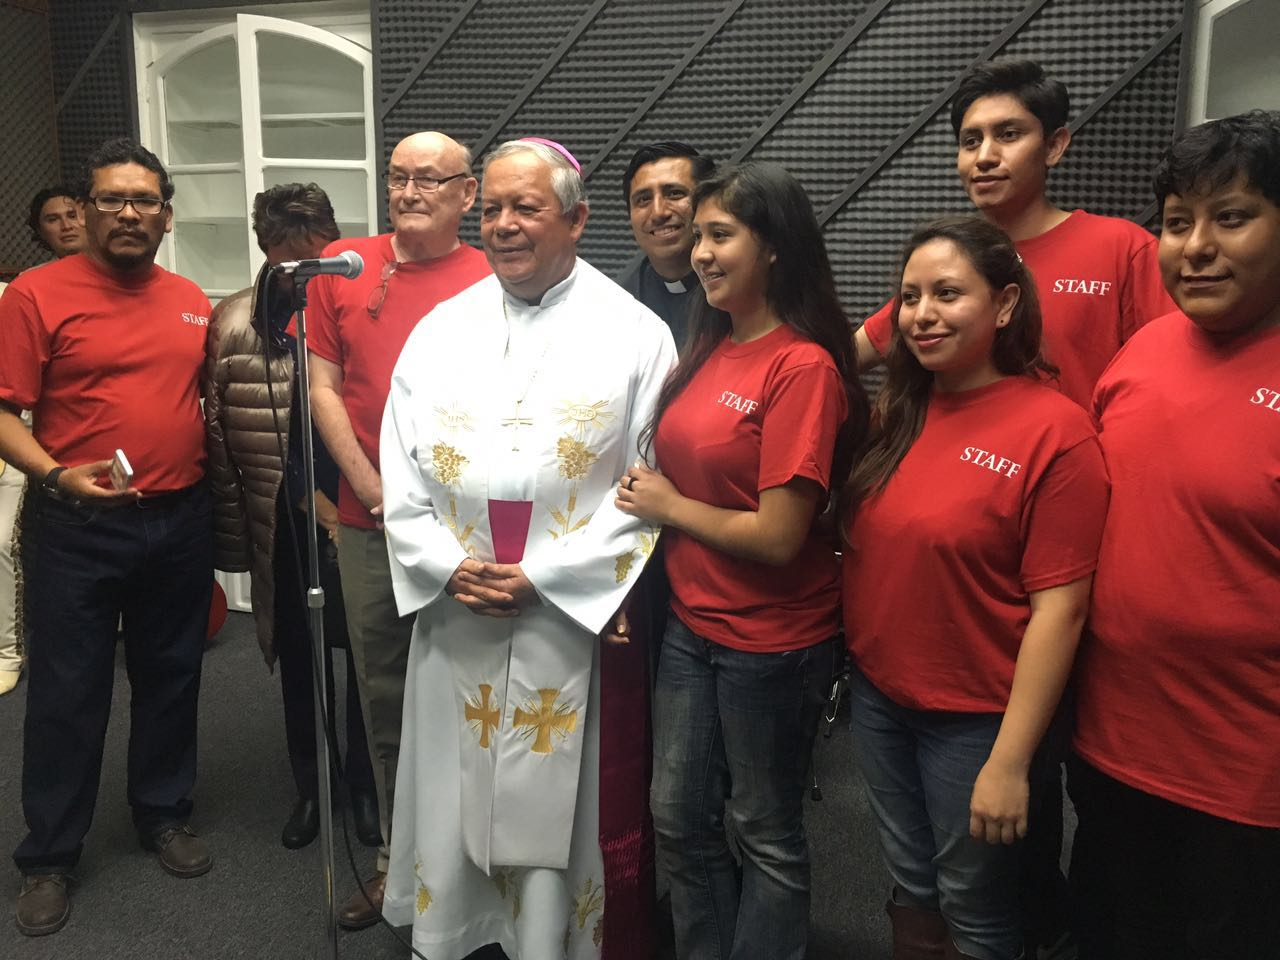 Arquidiócesis promueve encuentro de jóvenes  en defensa de la familia